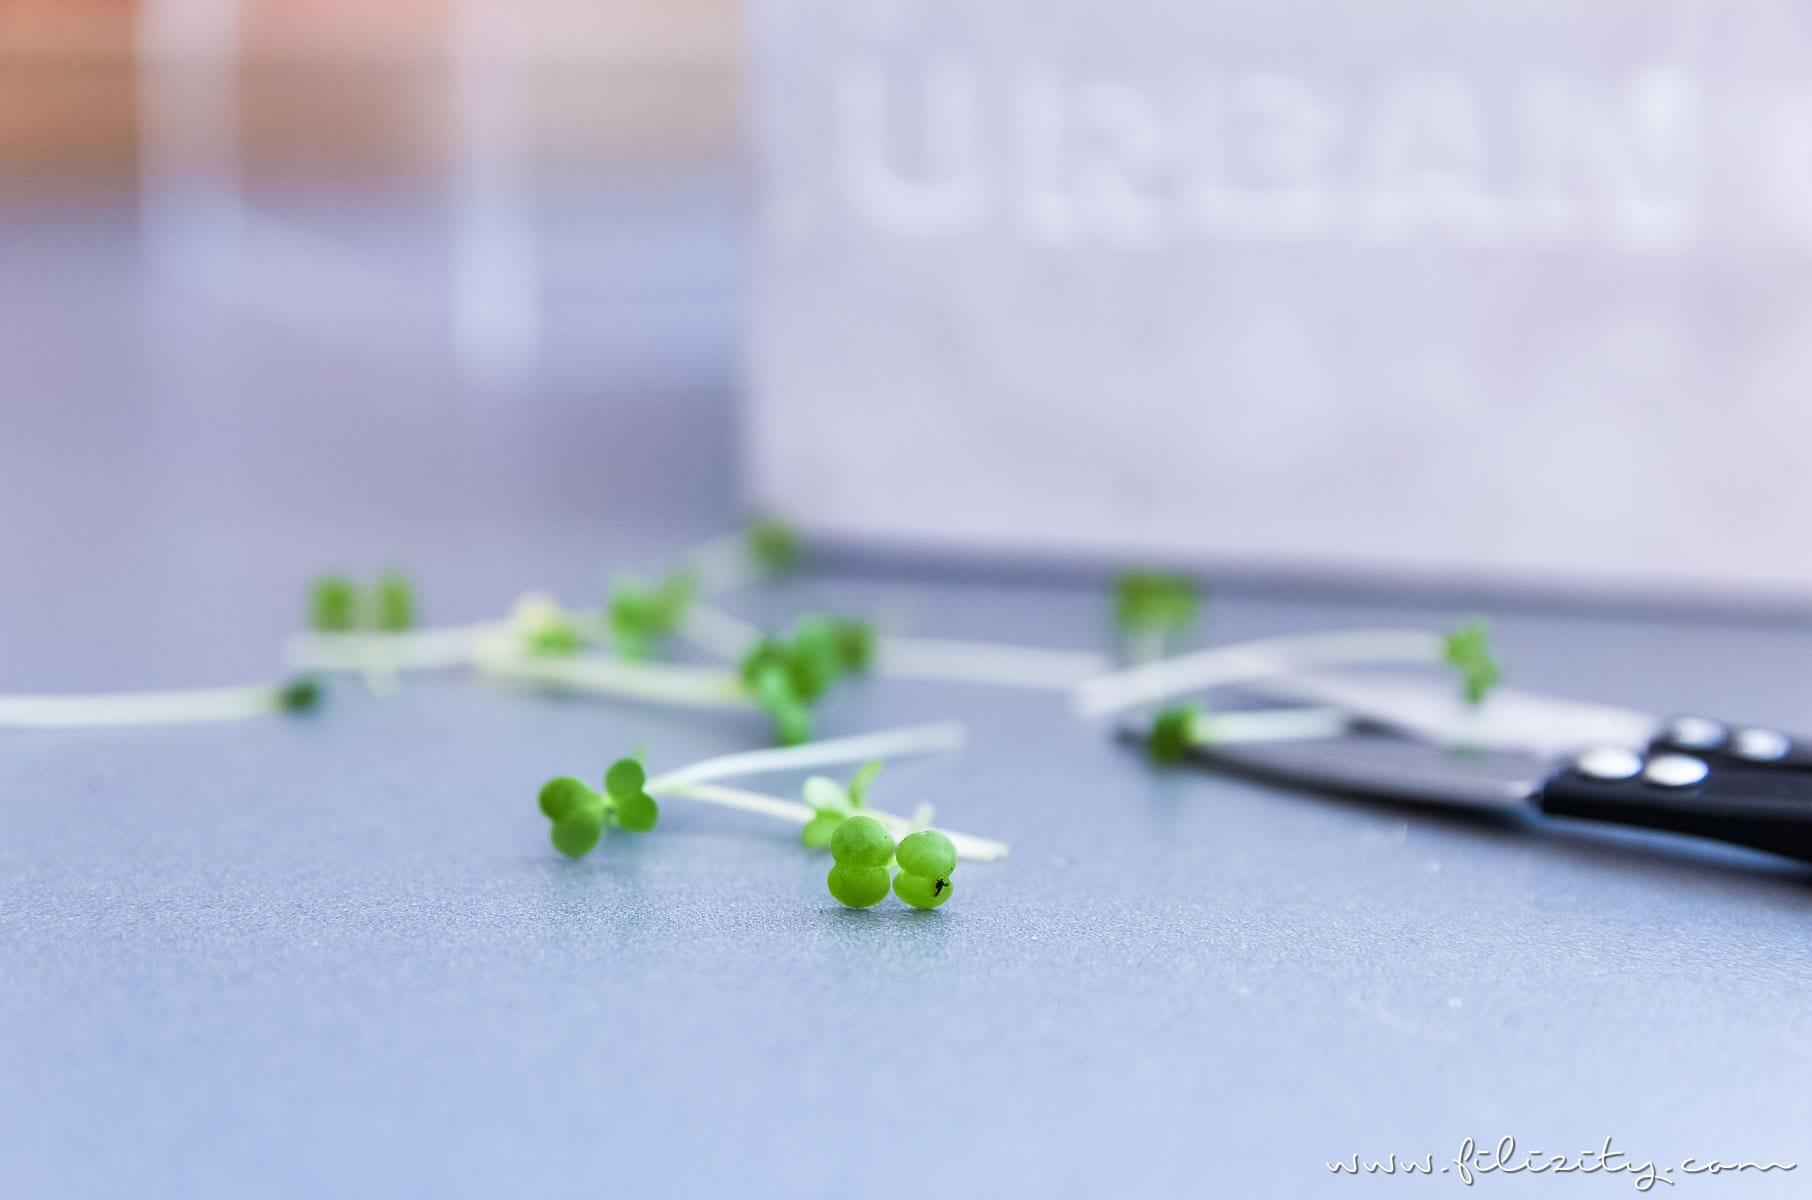 Mini-Spargel-Quiches - Urban Gardening mit frischen Kräutern | Filizity.com | Food-Blog aus dem Rheinland #frühling #spargel